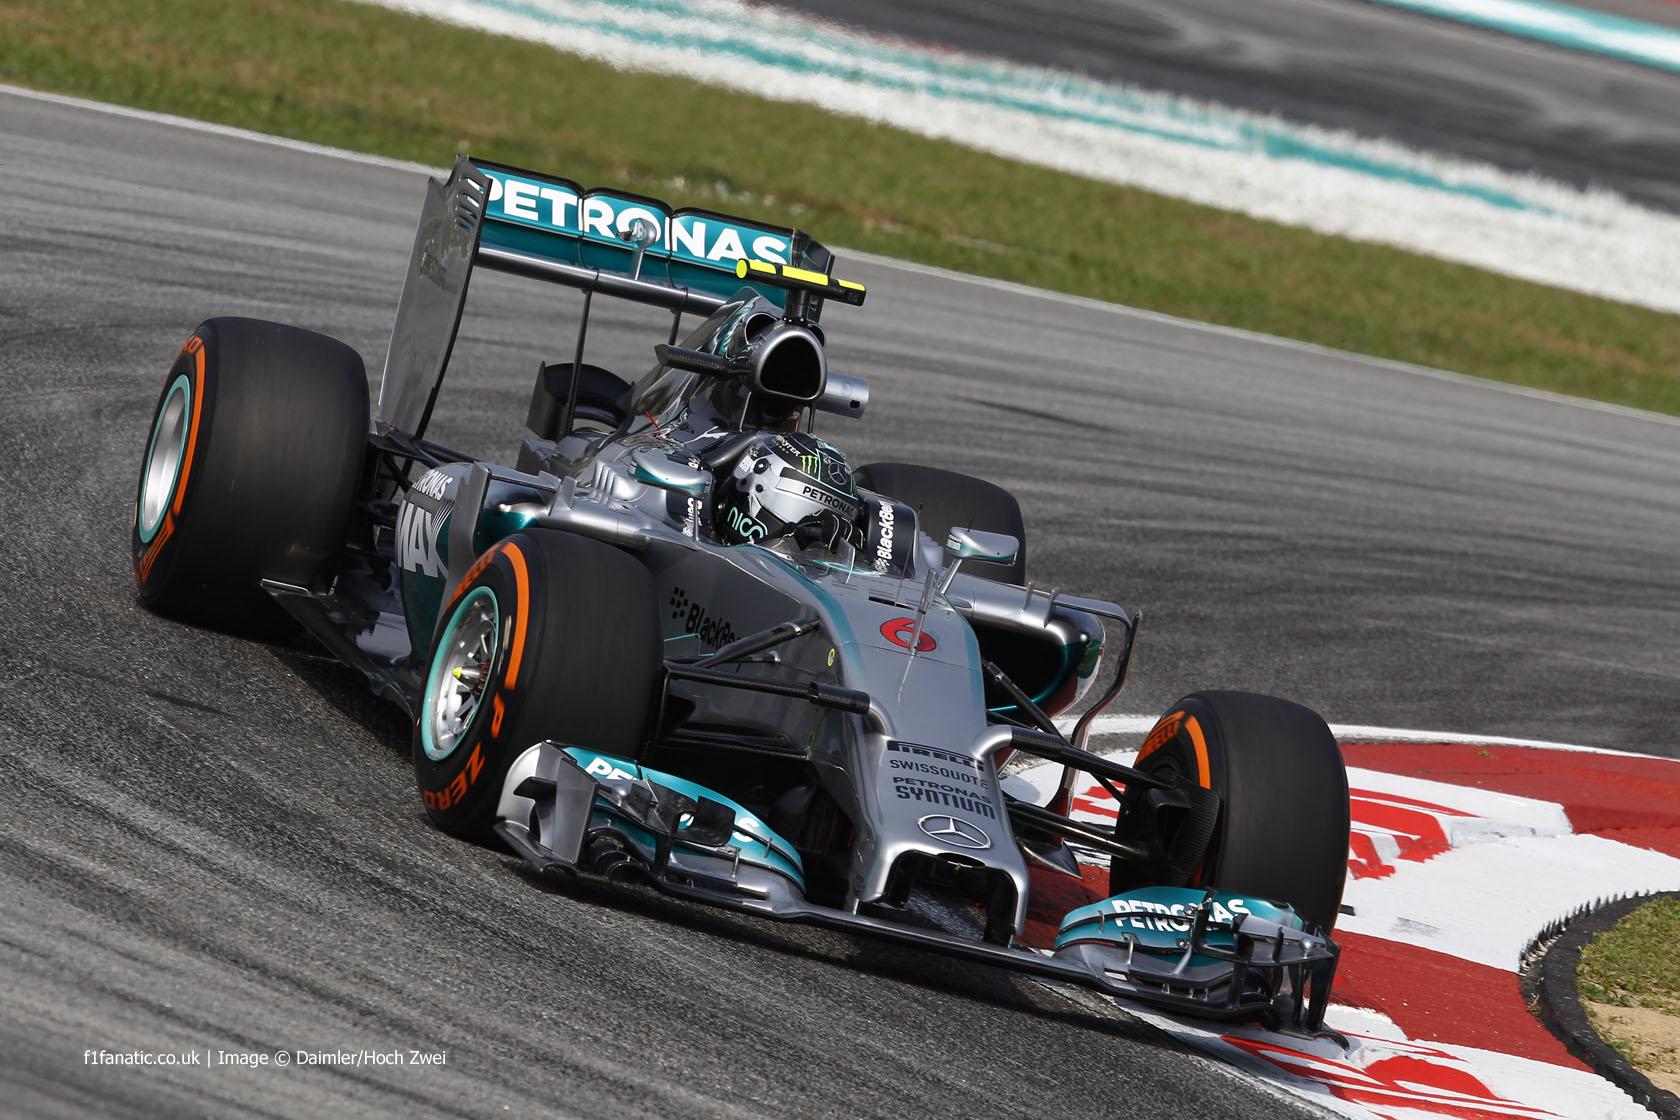 Nico Rosberg, Mercedes, Sepang International Circuit, 2014